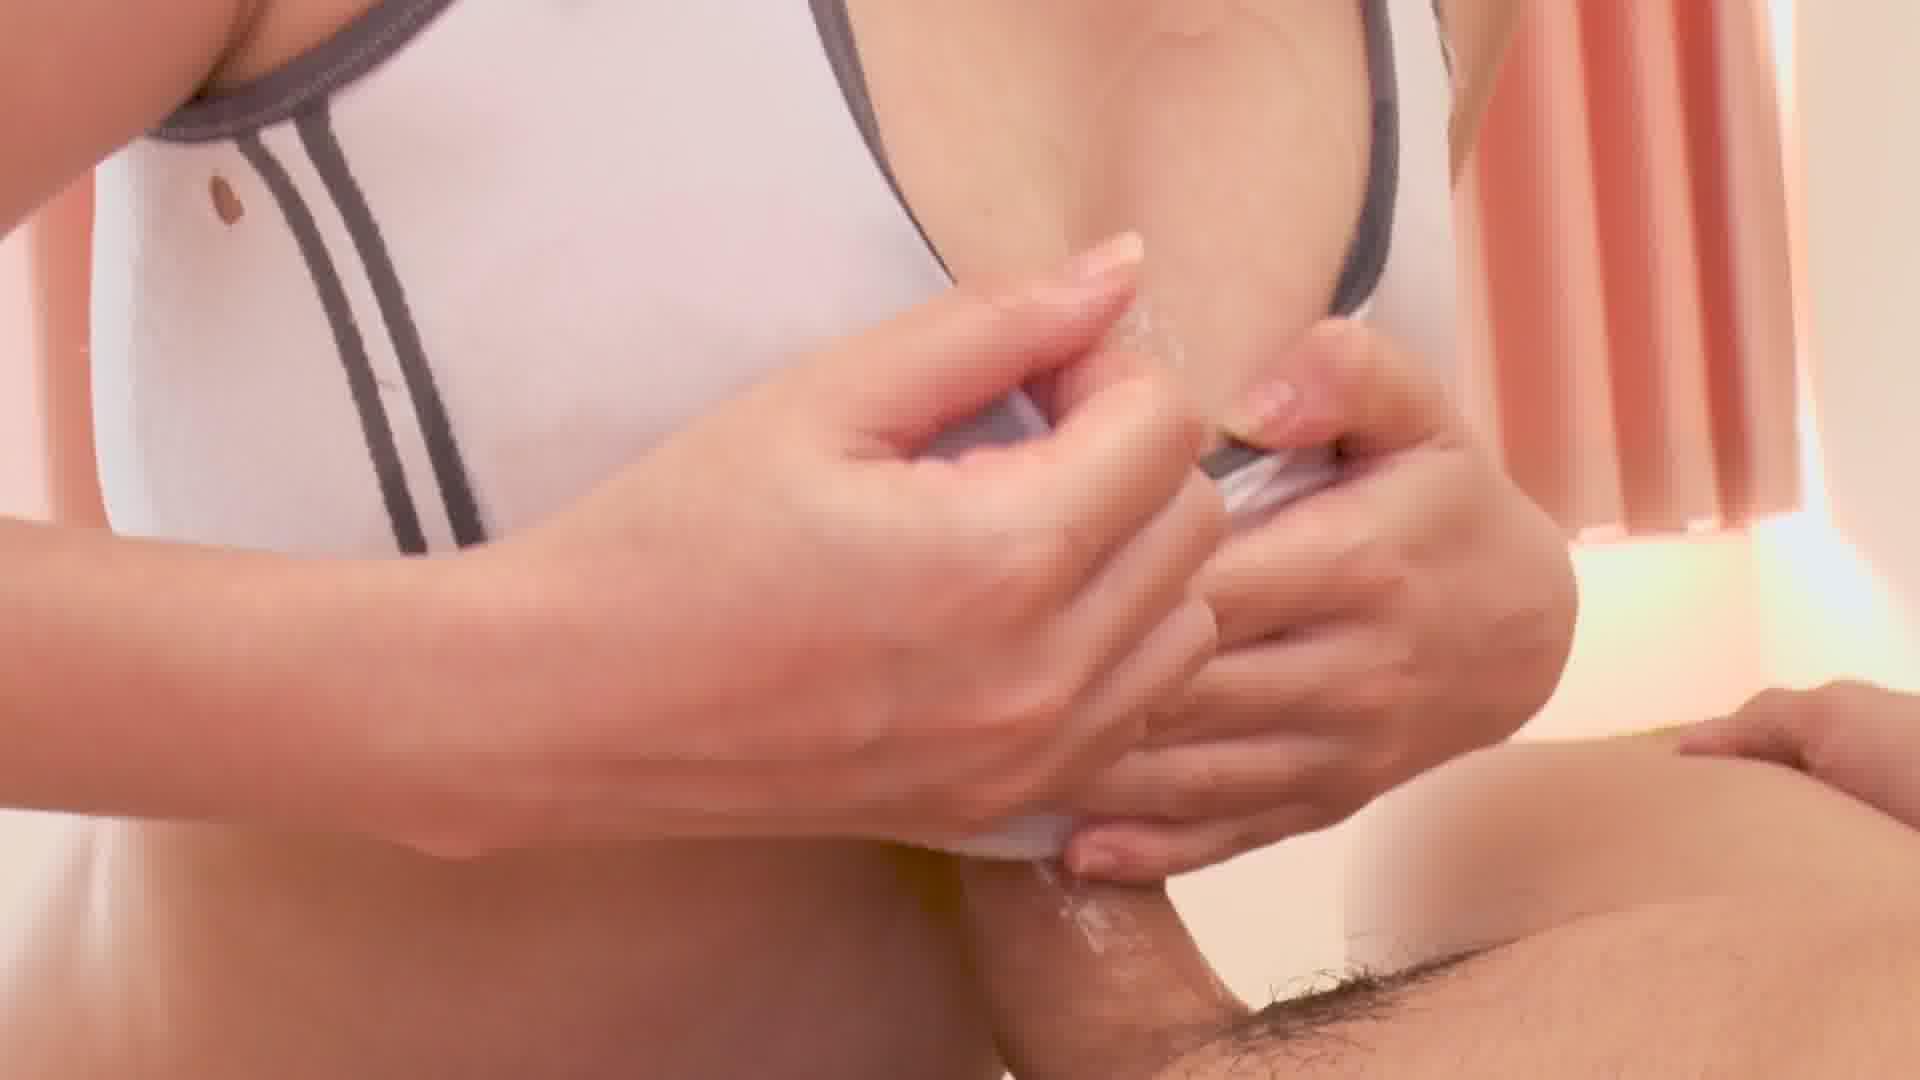 スケスケ水着deヌルヌルプレイ - 杏奈りか【巨乳・水着・パイズリ】